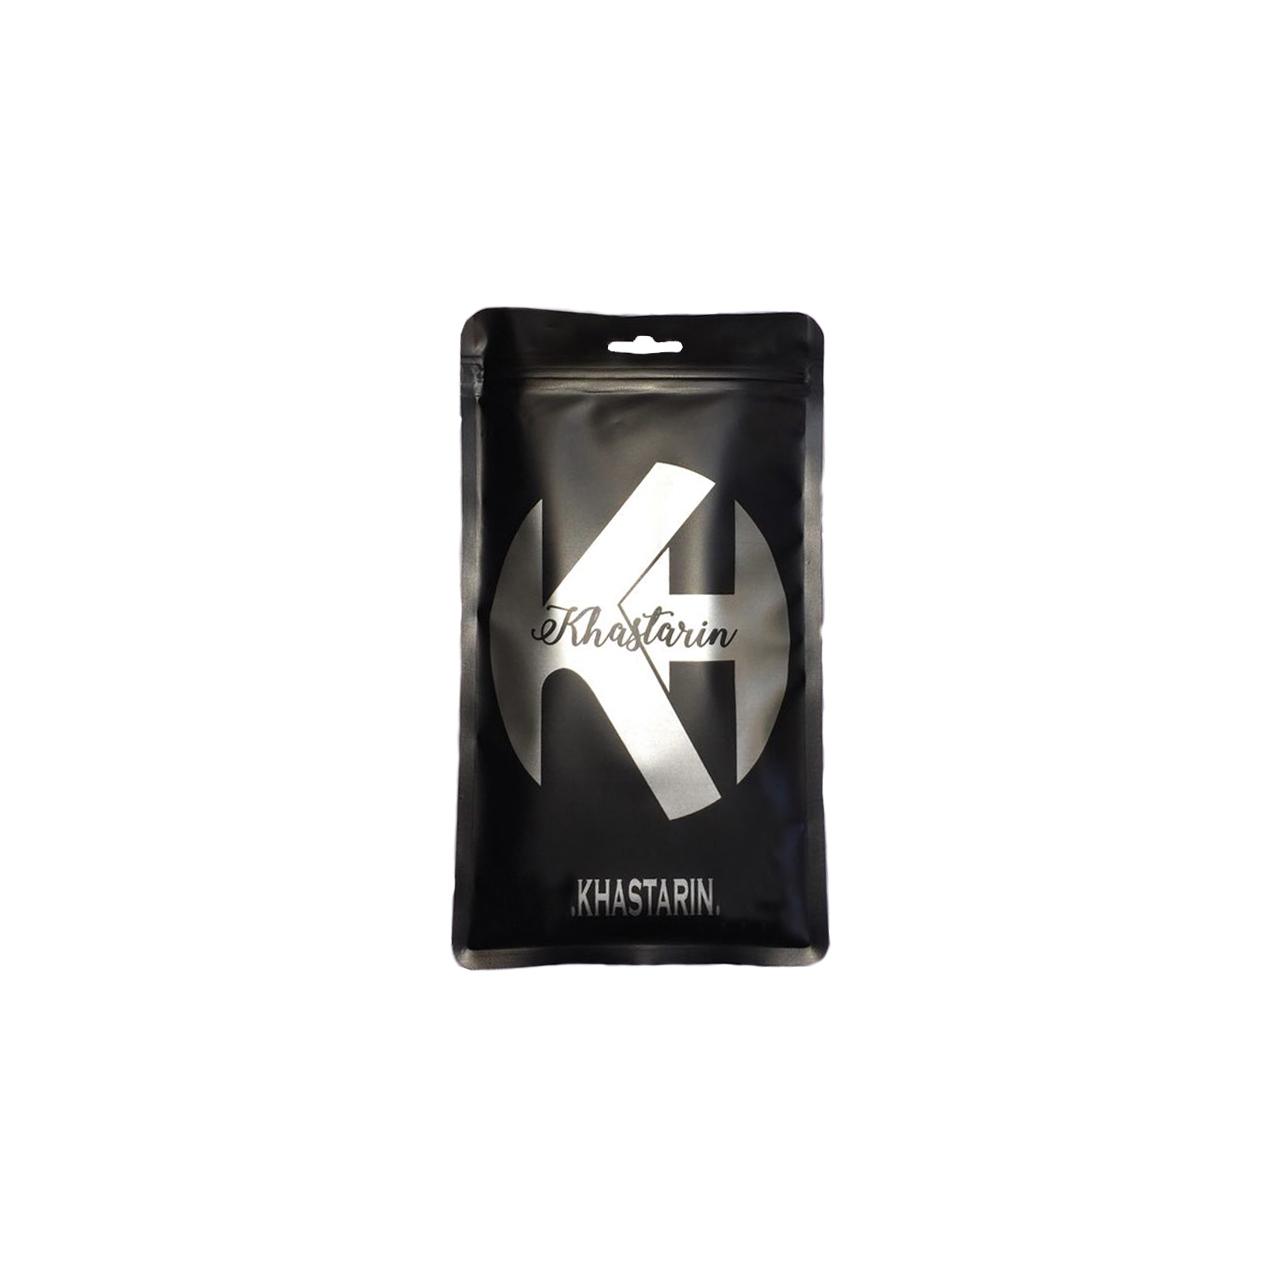 کاور کی اچ مدل 7230 مناسب برای گوشی موبایل شیائومی  Redmi Note 9s / 9 Pro / 9 Pro Max  thumb 2 2